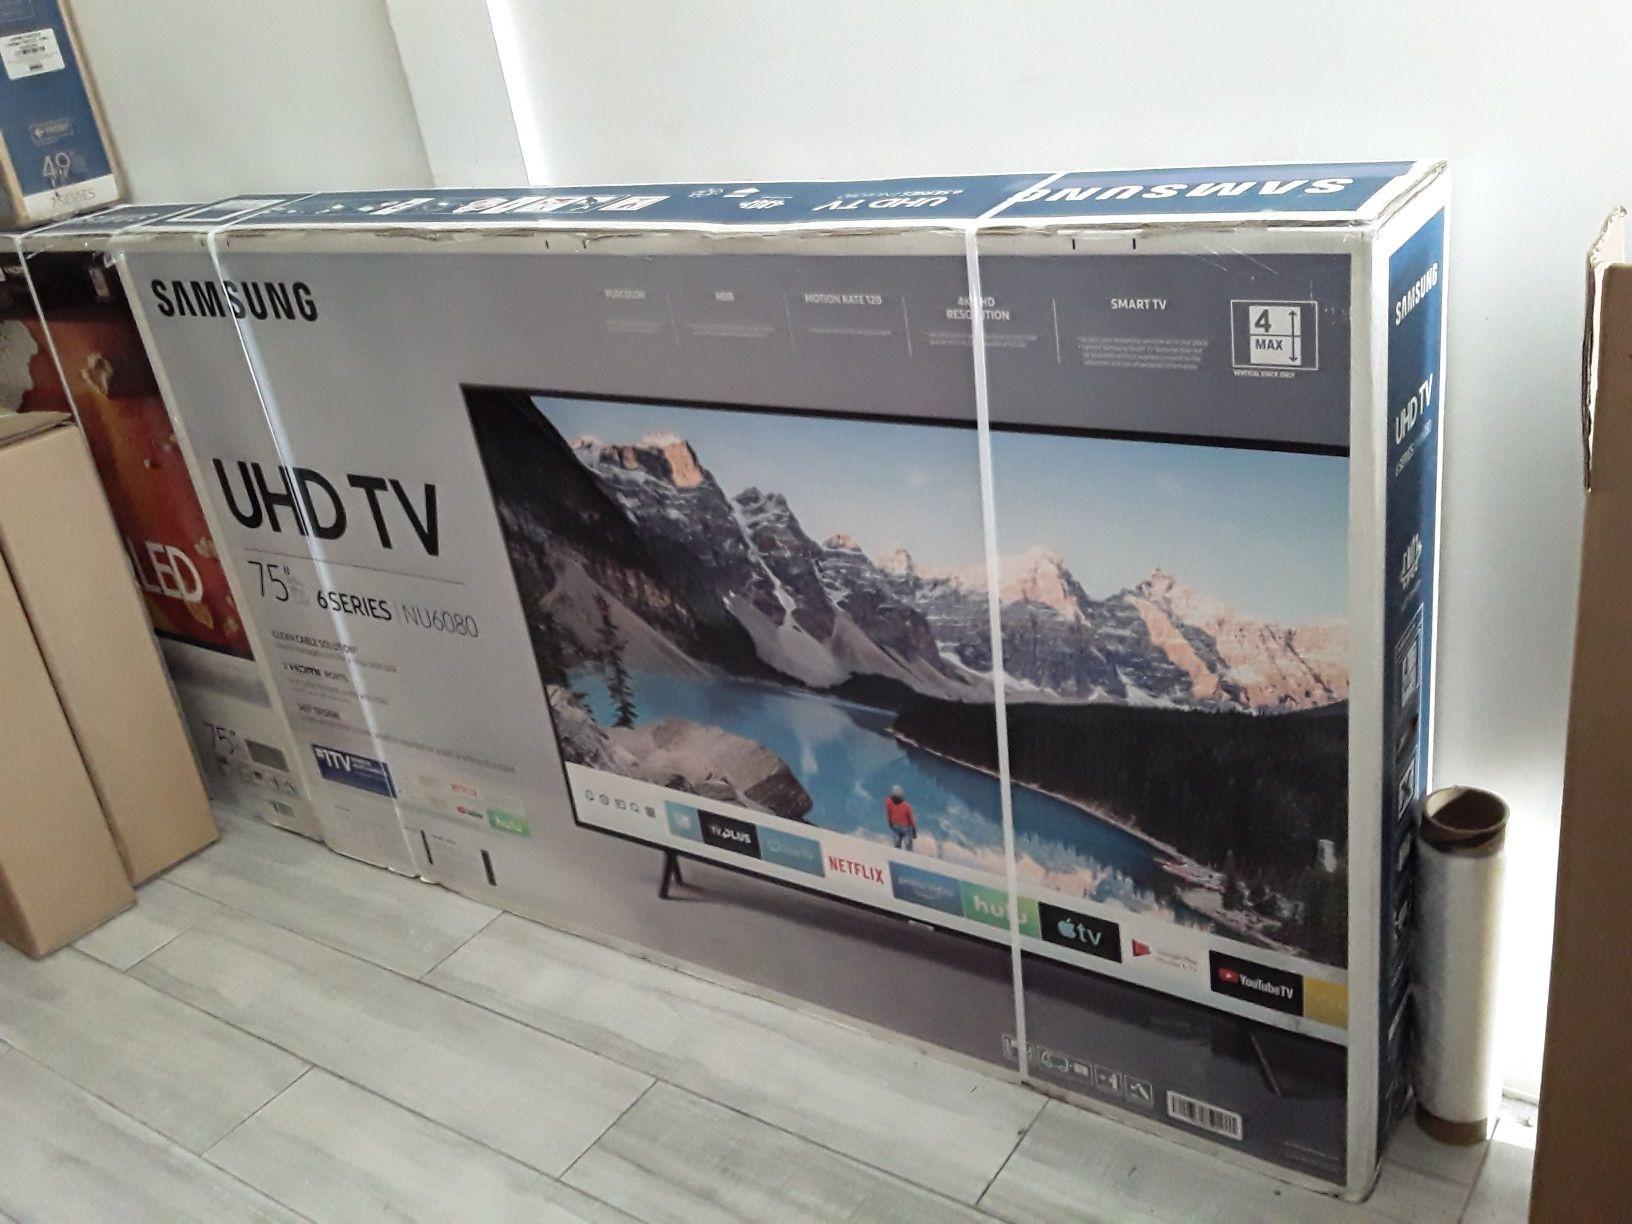 75 Samsung Smart 4k UHD TV LED HDR QUANTUM